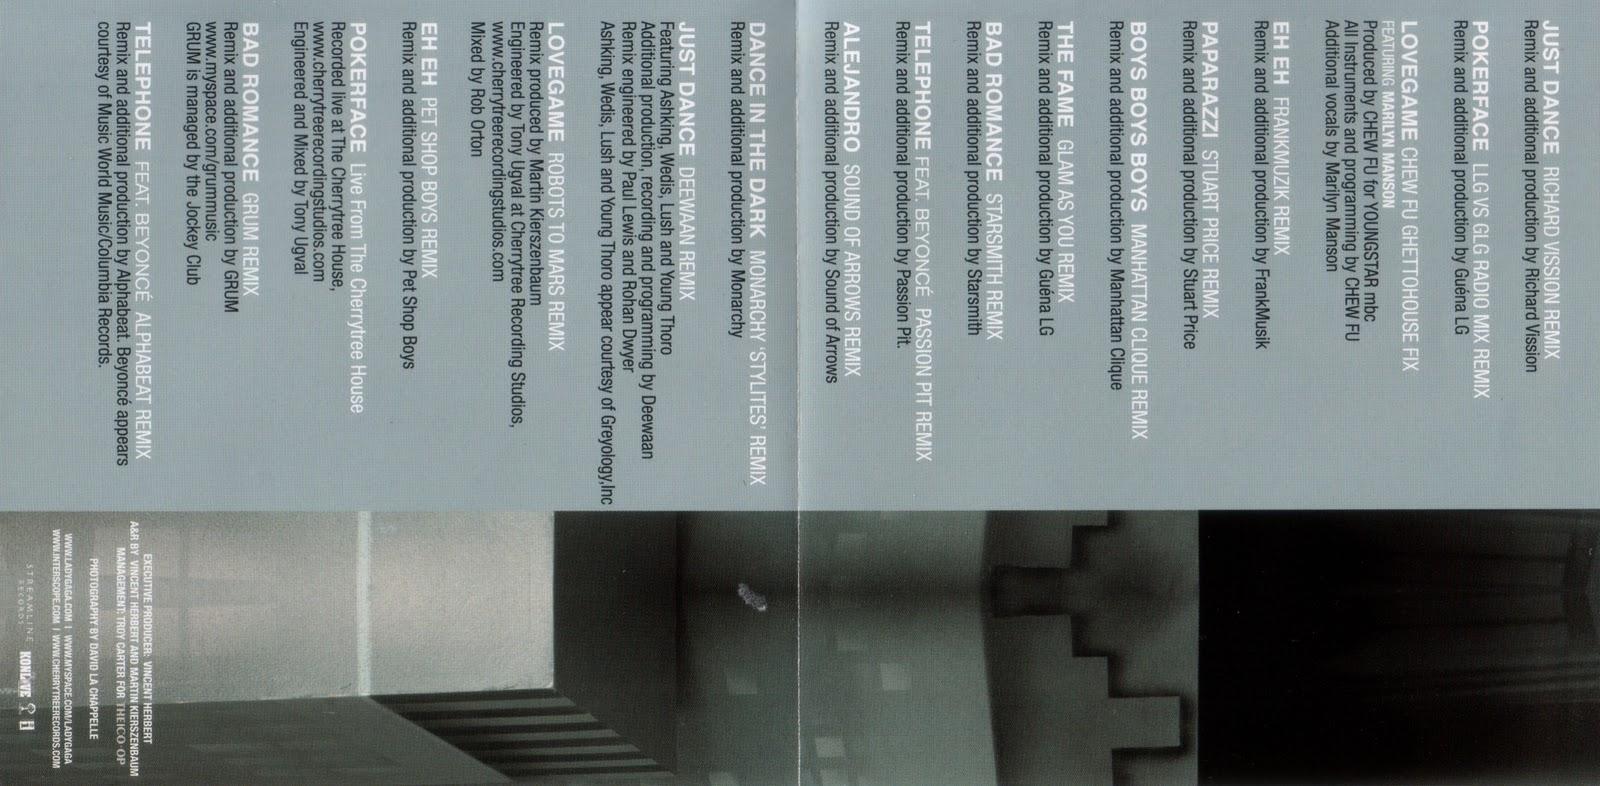 http://1.bp.blogspot.com/-d_zxXrBS2Jc/TXfVn9JDLEI/AAAAAAAABMc/3NHYVzkbSPI/s1600/Lady+GaGa+-+The+Remix+%2528Russia%2529+-+Booklet+%25282-2%2529.jpg